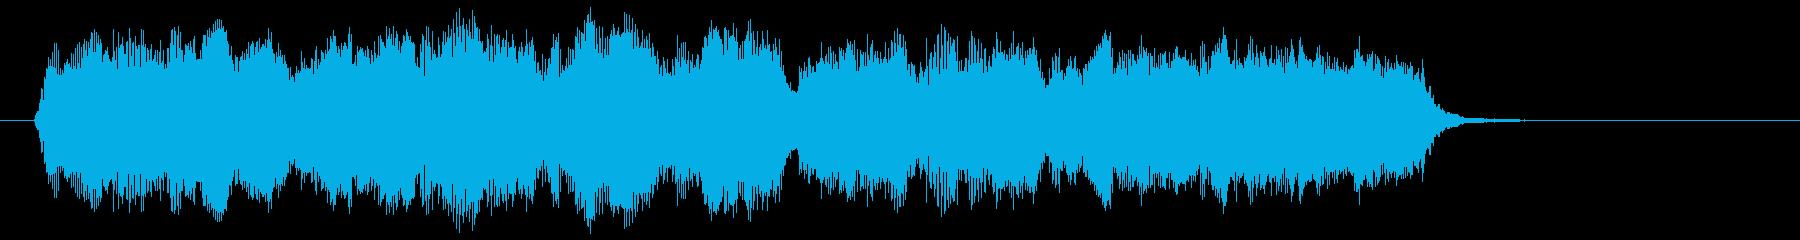 上品で優雅な弦カルテットのジングルの再生済みの波形